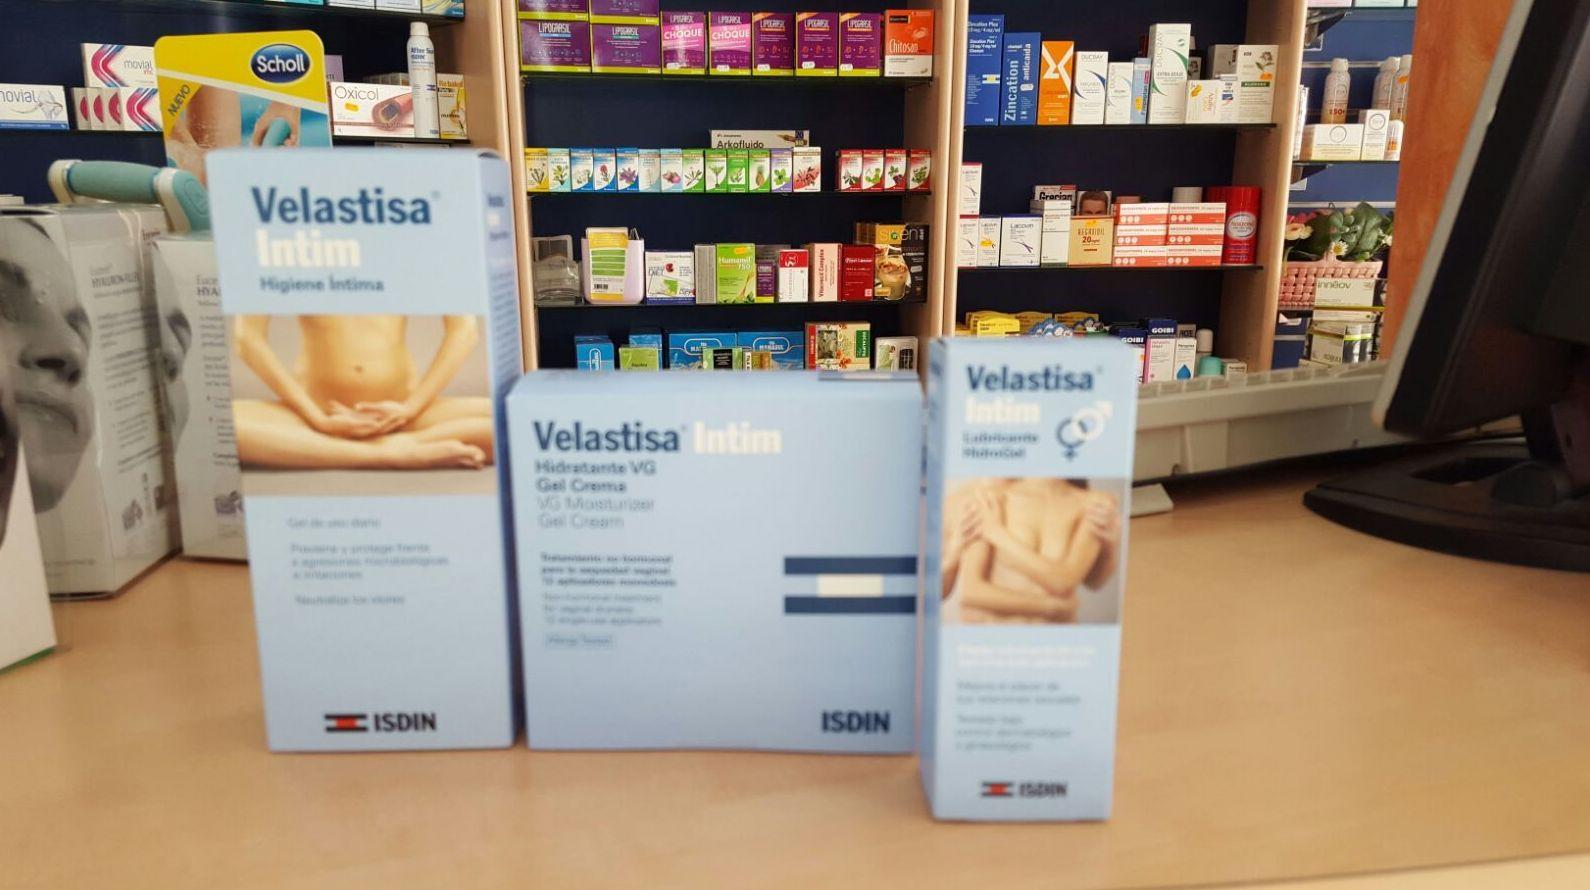 Velastisa: Productos y Promociones de Farmacia Lucía